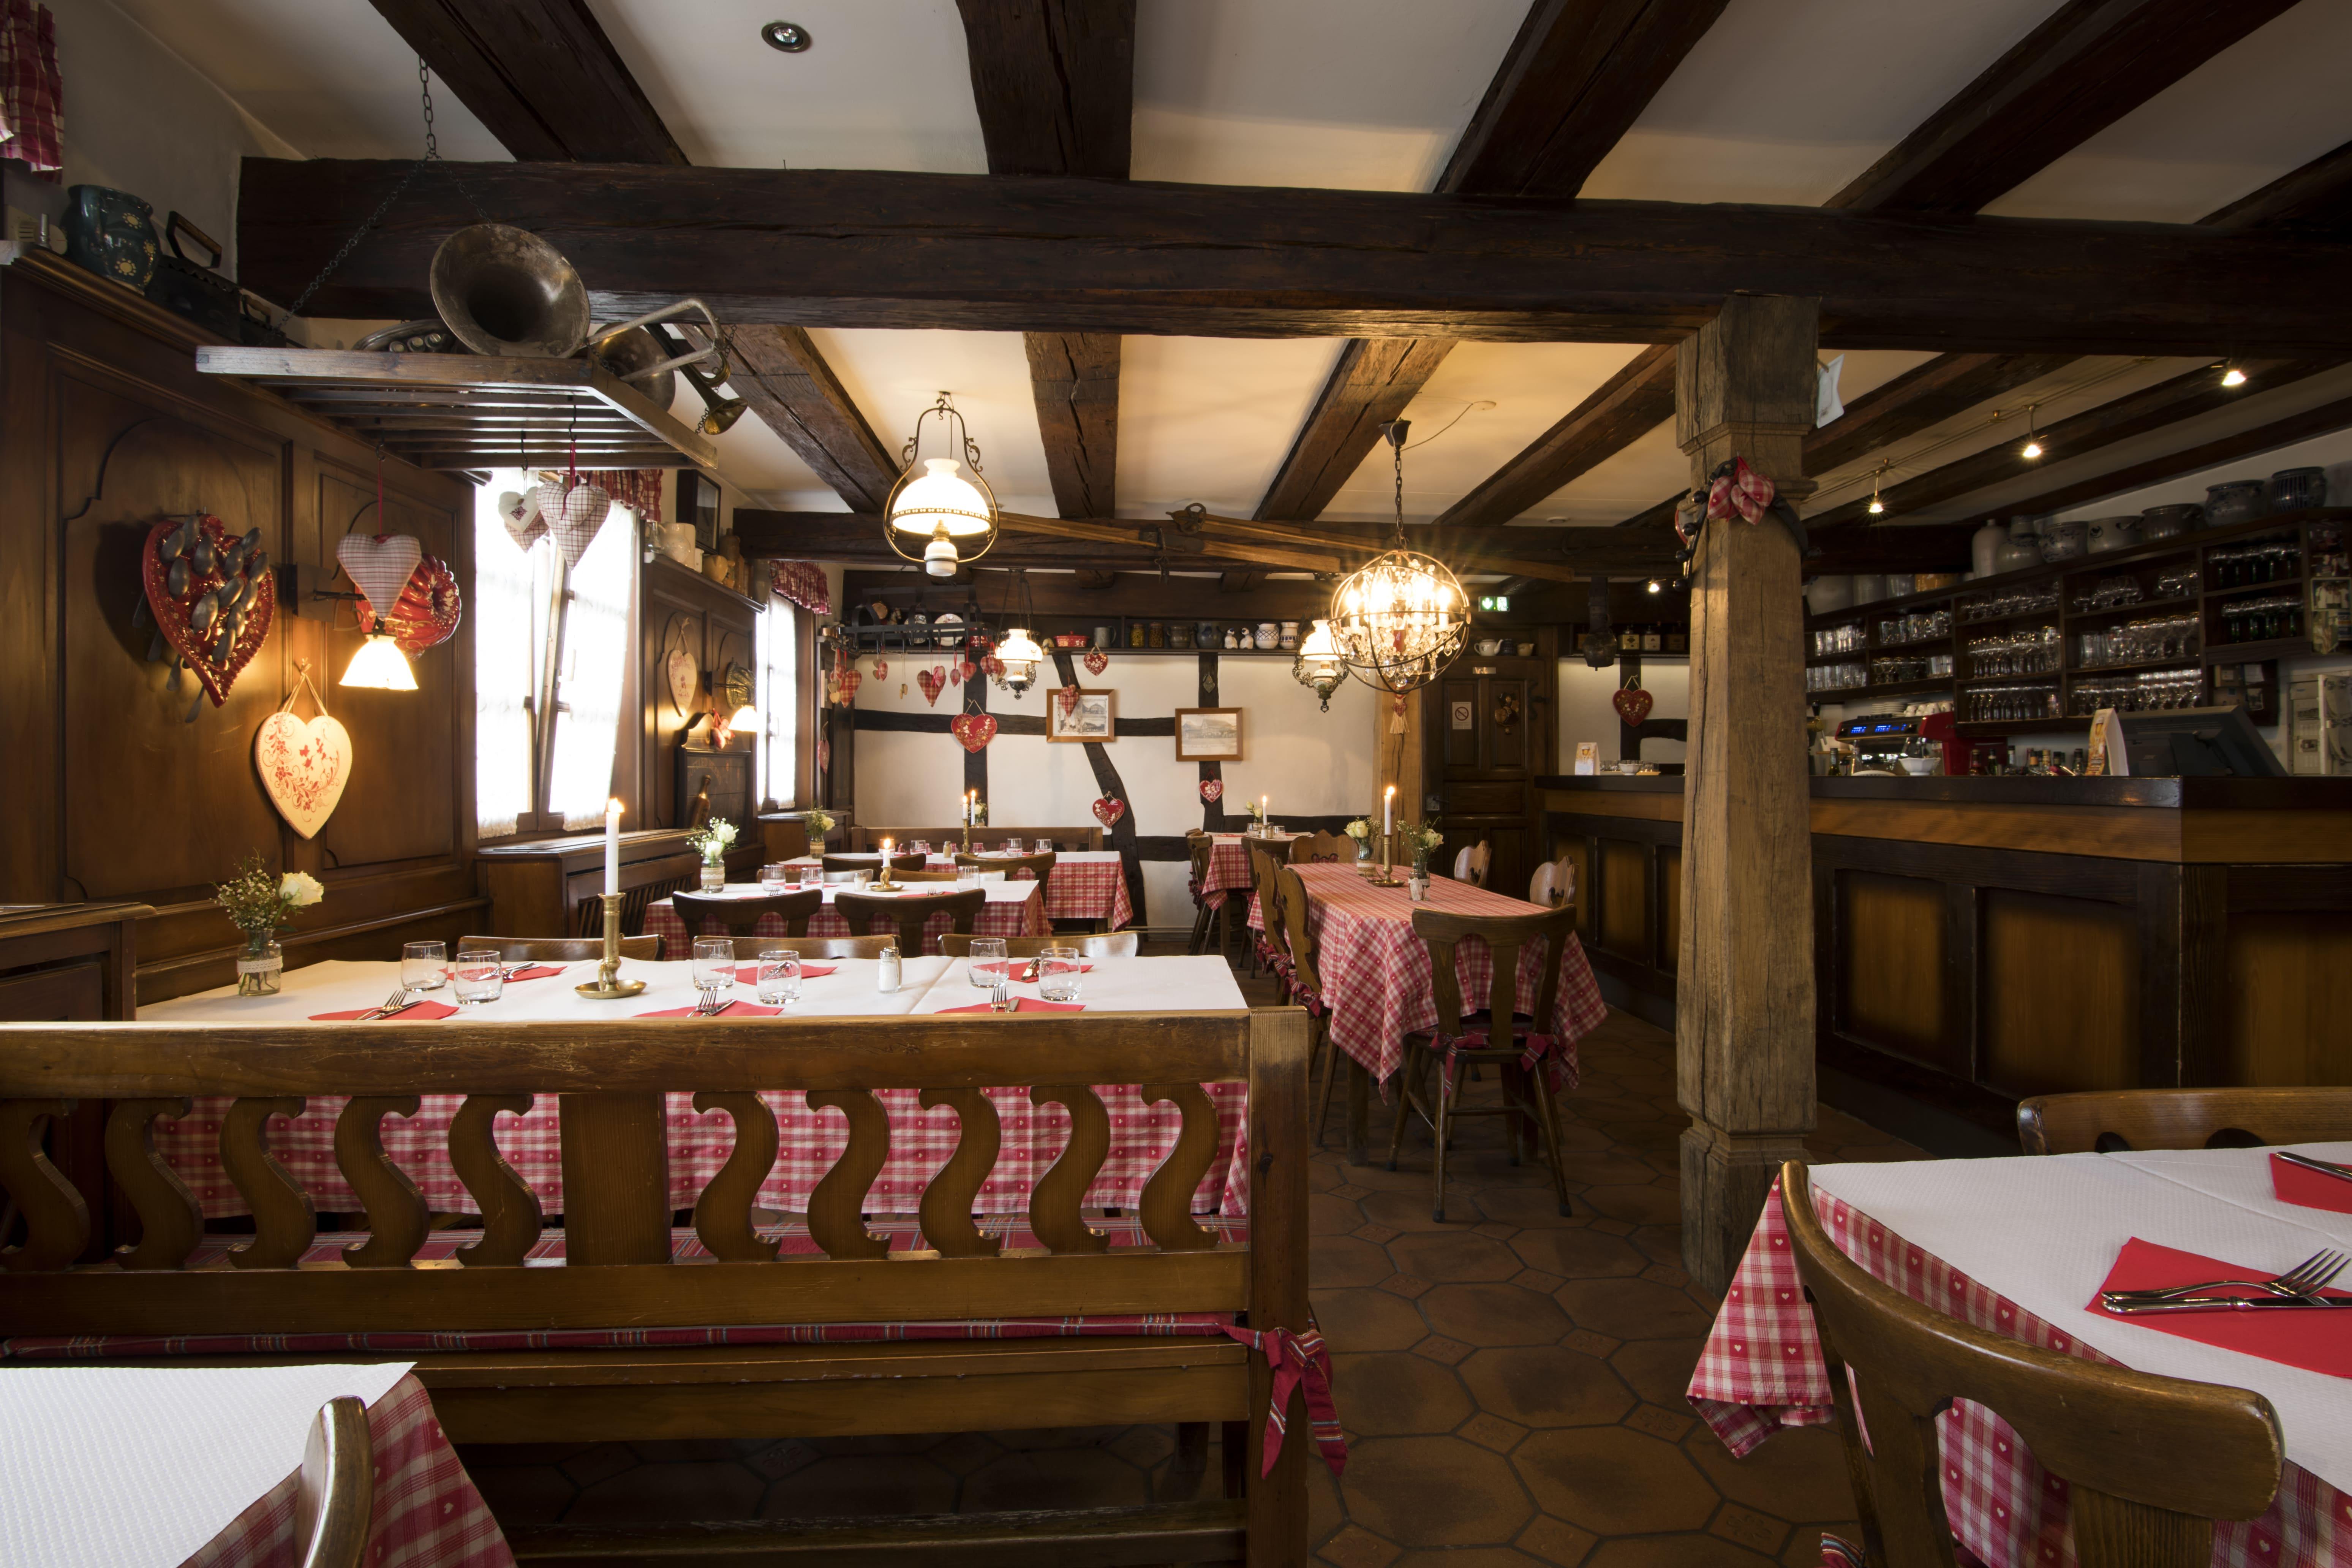 Restaurant%20Tarte%20Flamb%C3%A9e%20Roeschwoog%203-min.jpg